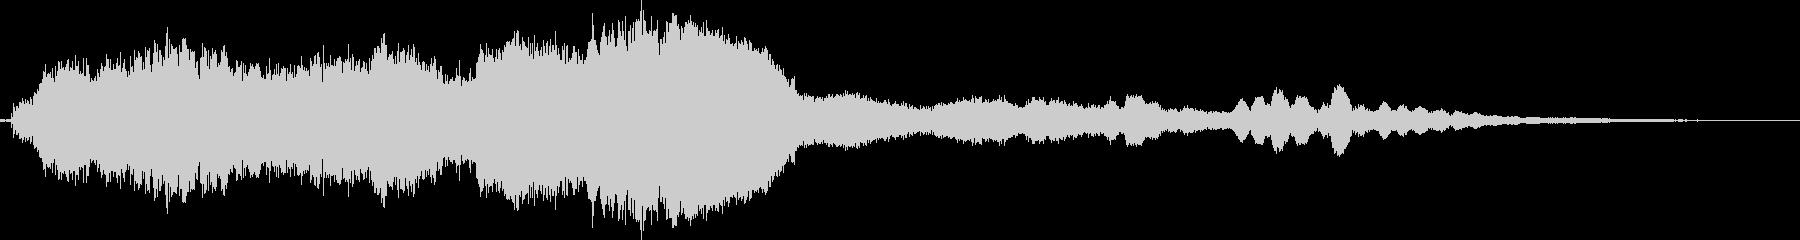 【ホラー】 アトモスフィア 03 暗闇の未再生の波形